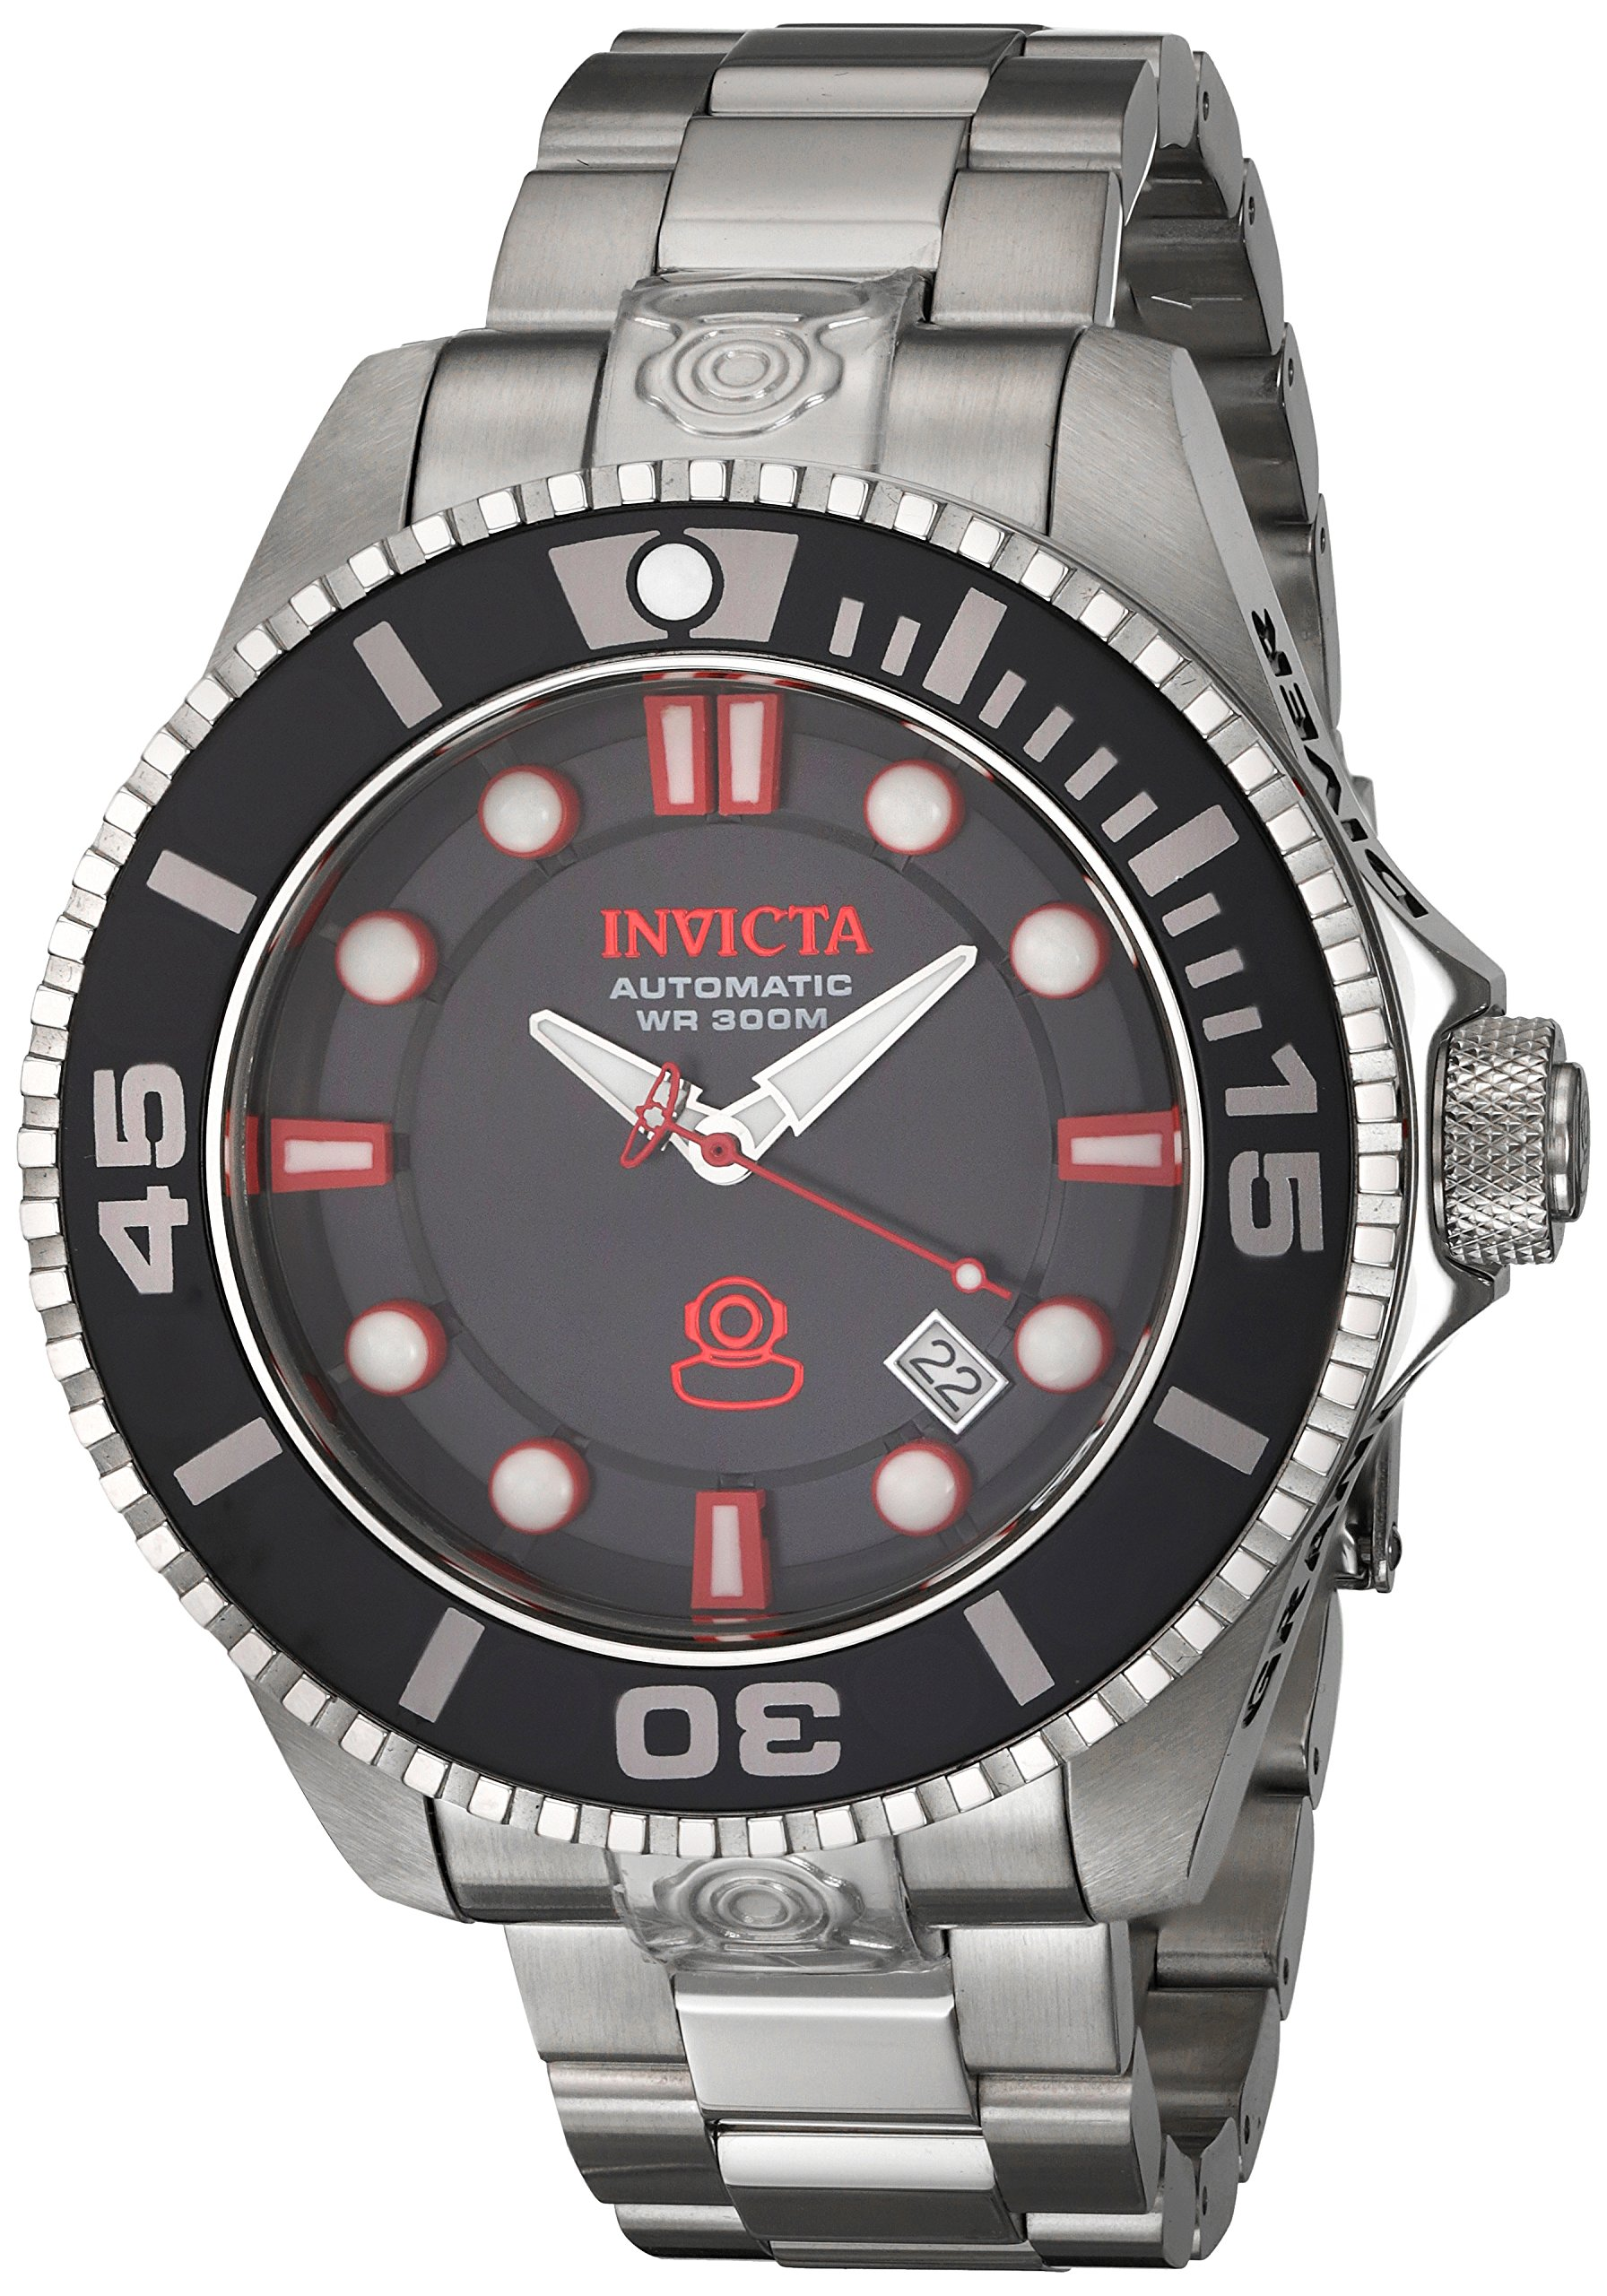 Invicta Men's 47mm Automatic Silver Steel Bracelet & Case Date Watch 19798